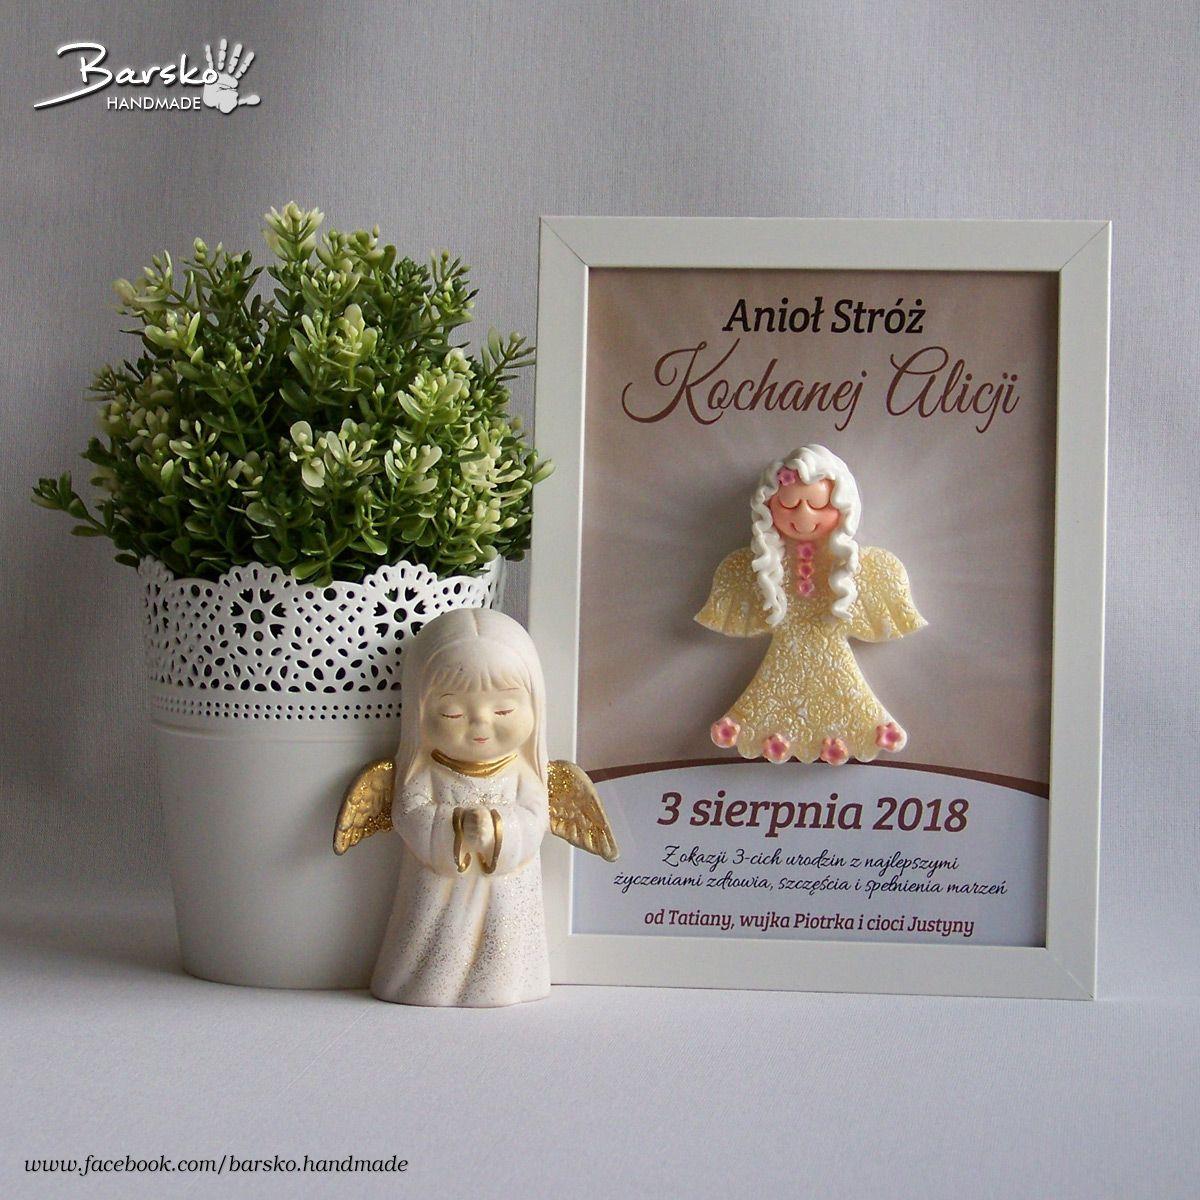 Pamiatki Urodzinowe Aniol Aniolek Urodziny Roczek Handmade